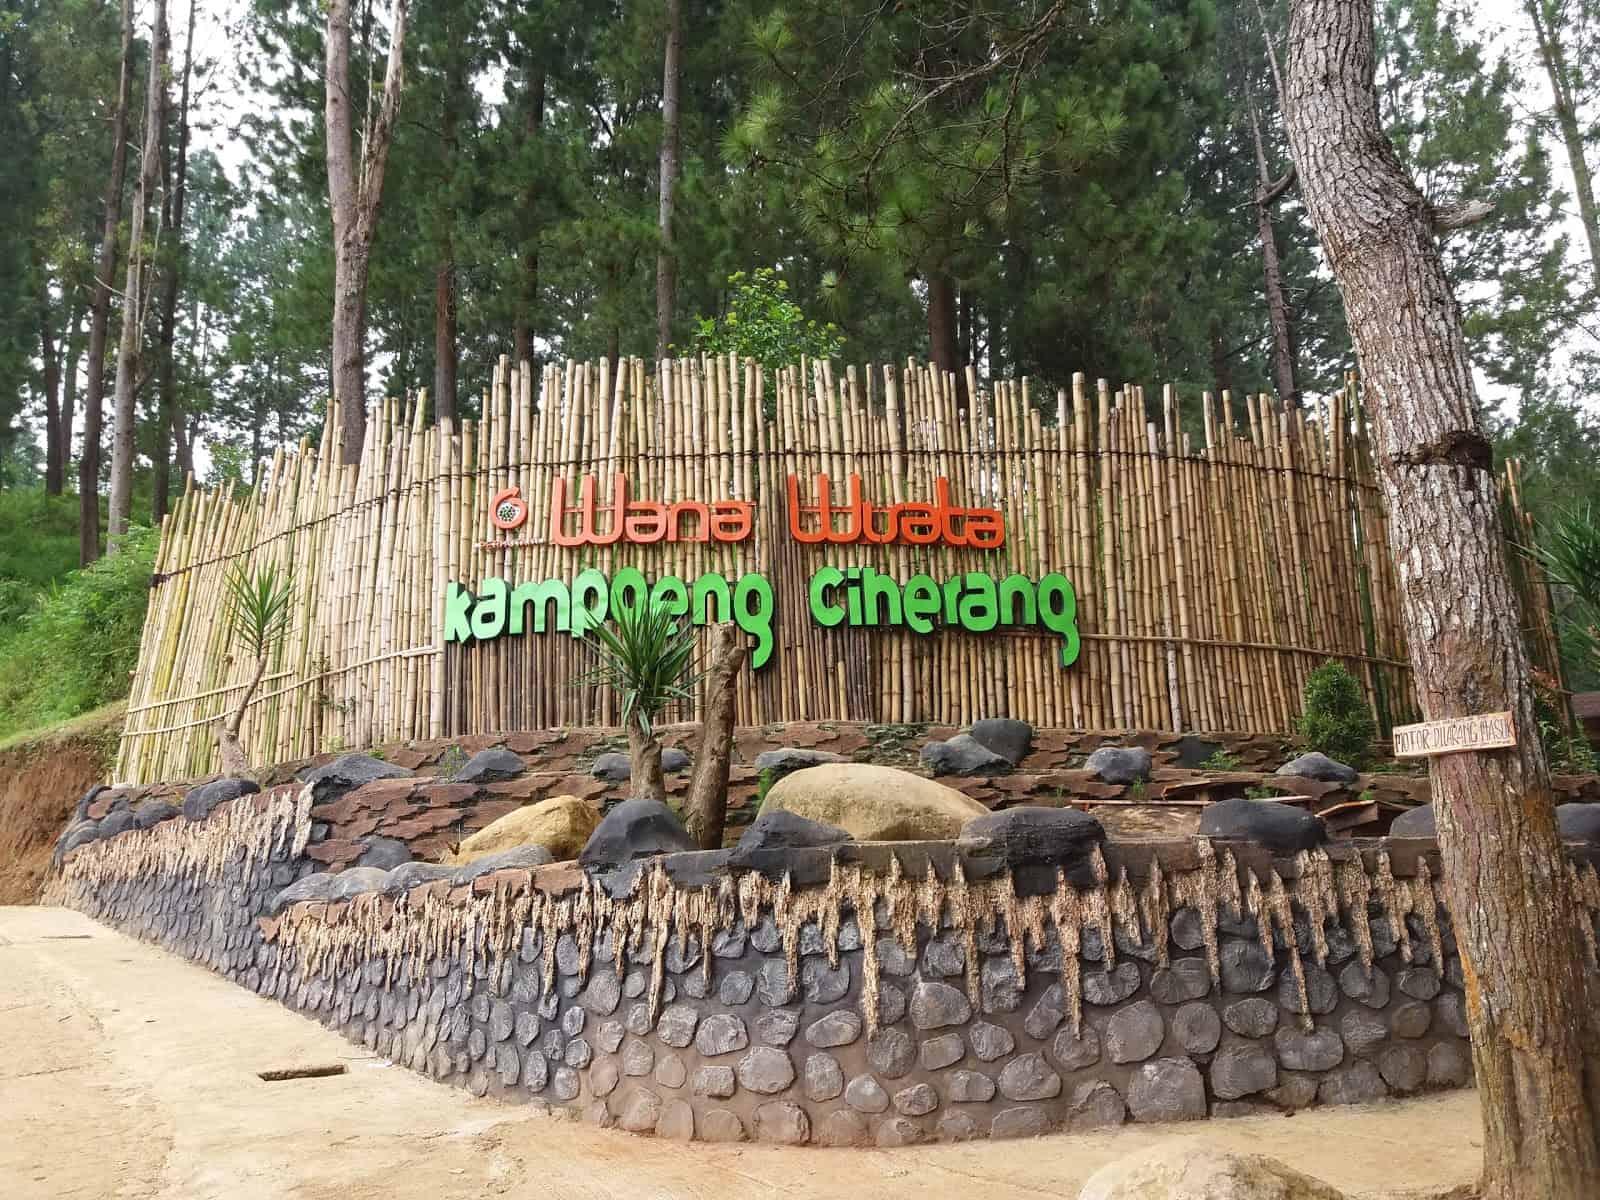 Wisata Kampoeng Ciherang